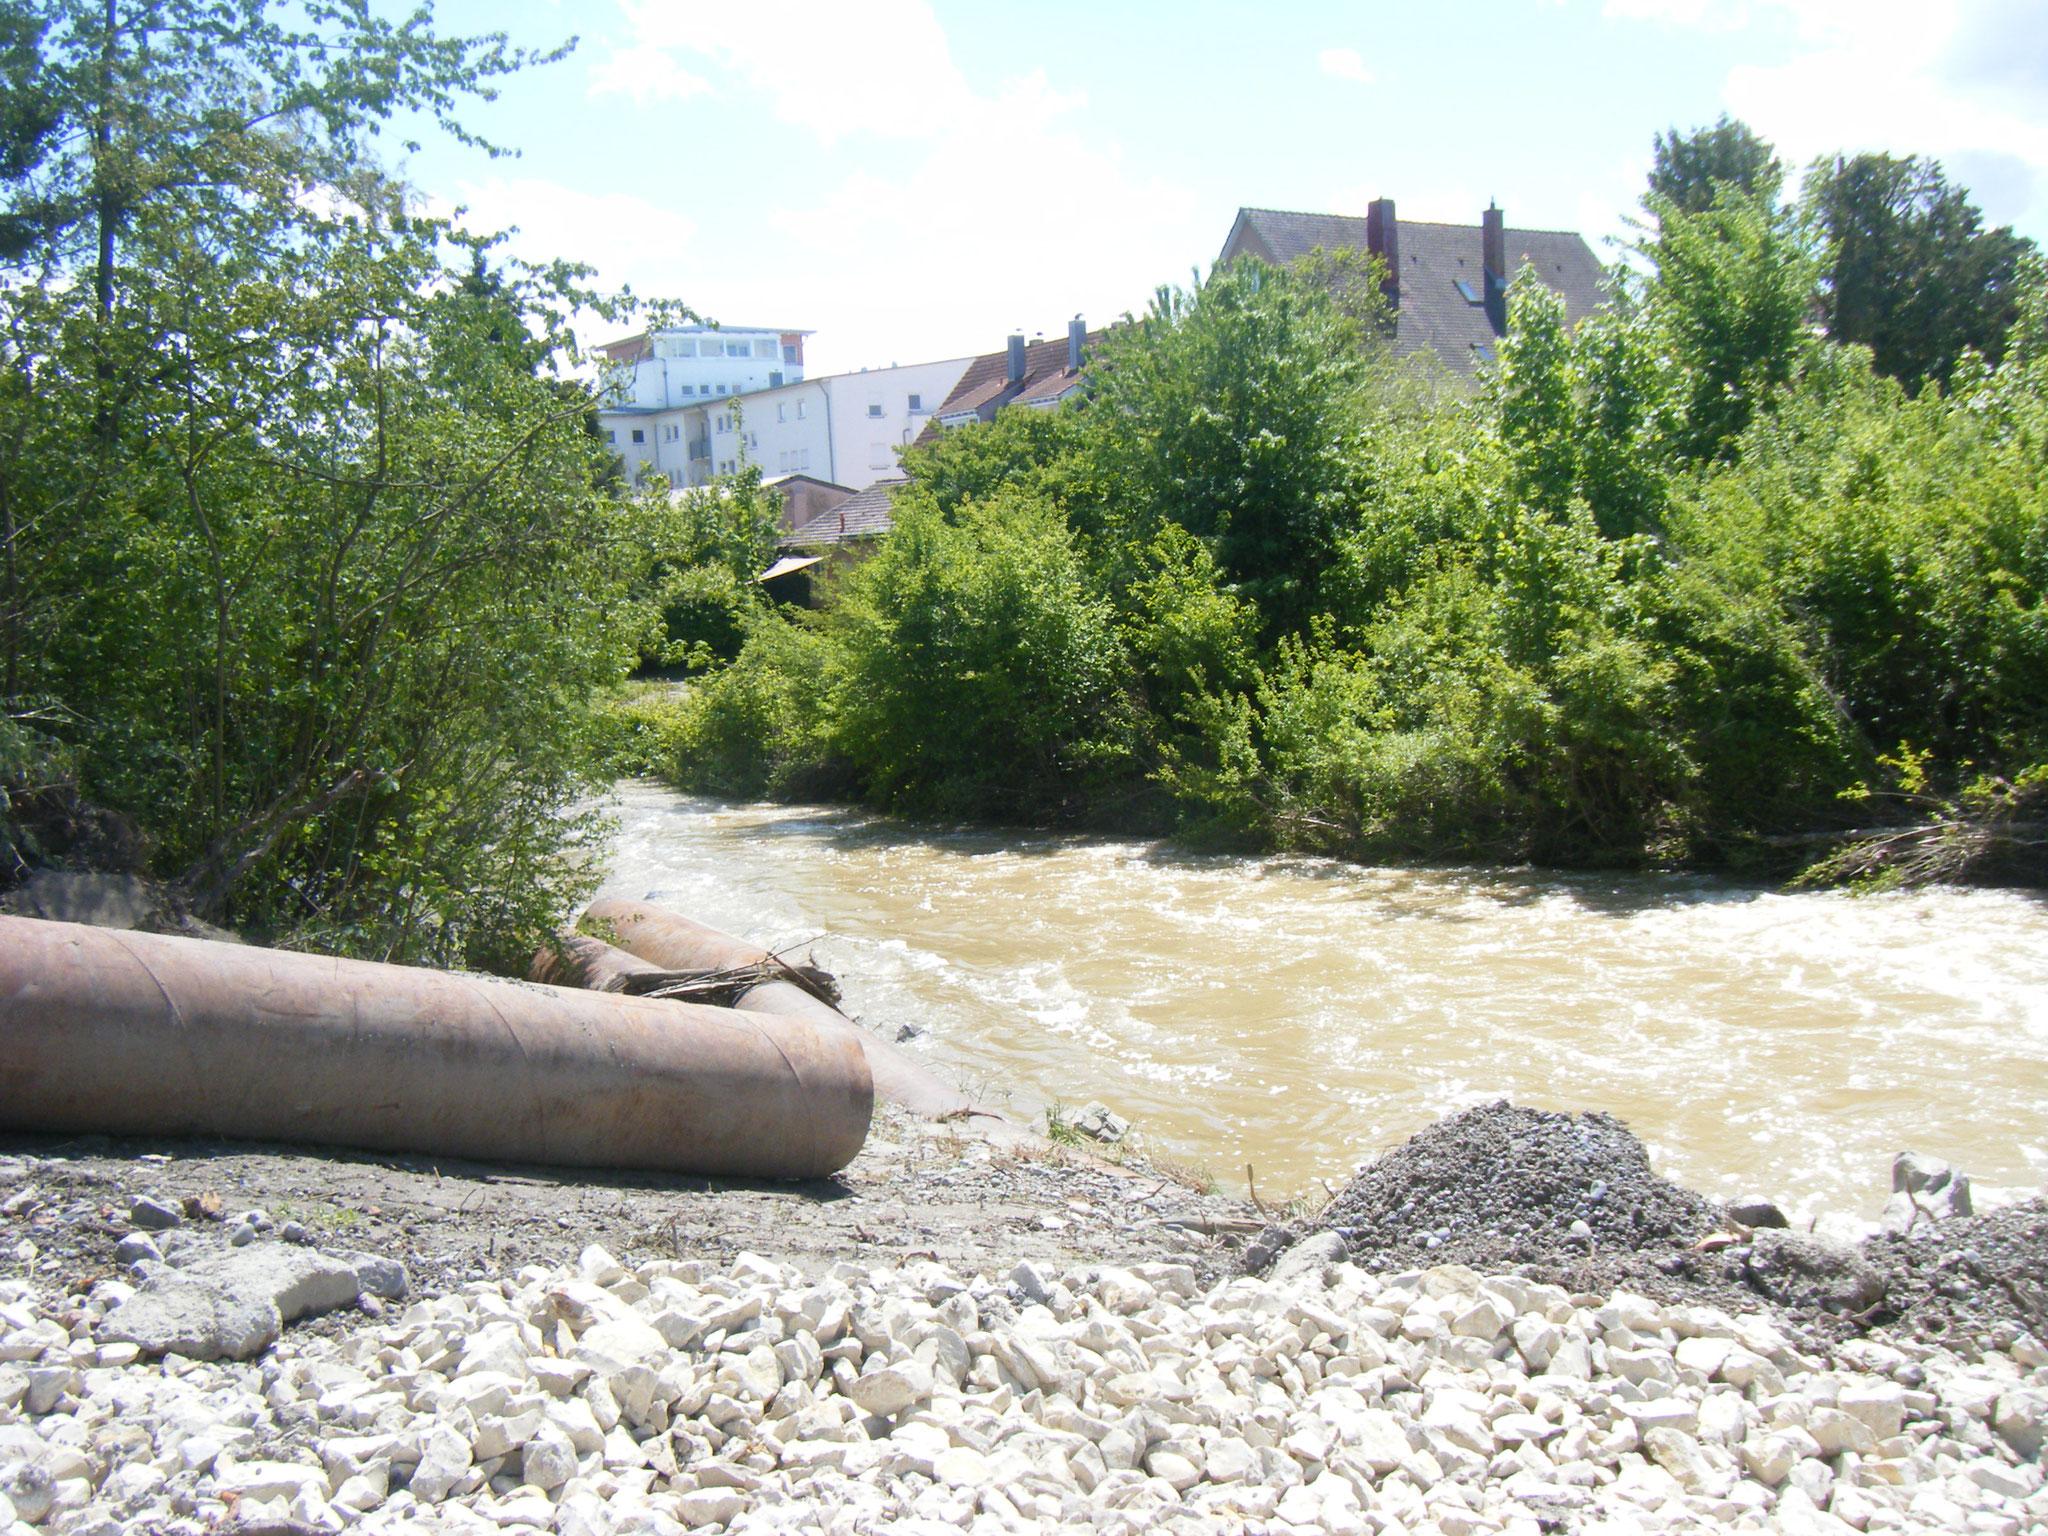 es werden Stahlrohre verlegt, um den Allmannsweiler Bach unter der schrägen Böschung durchzuleiten